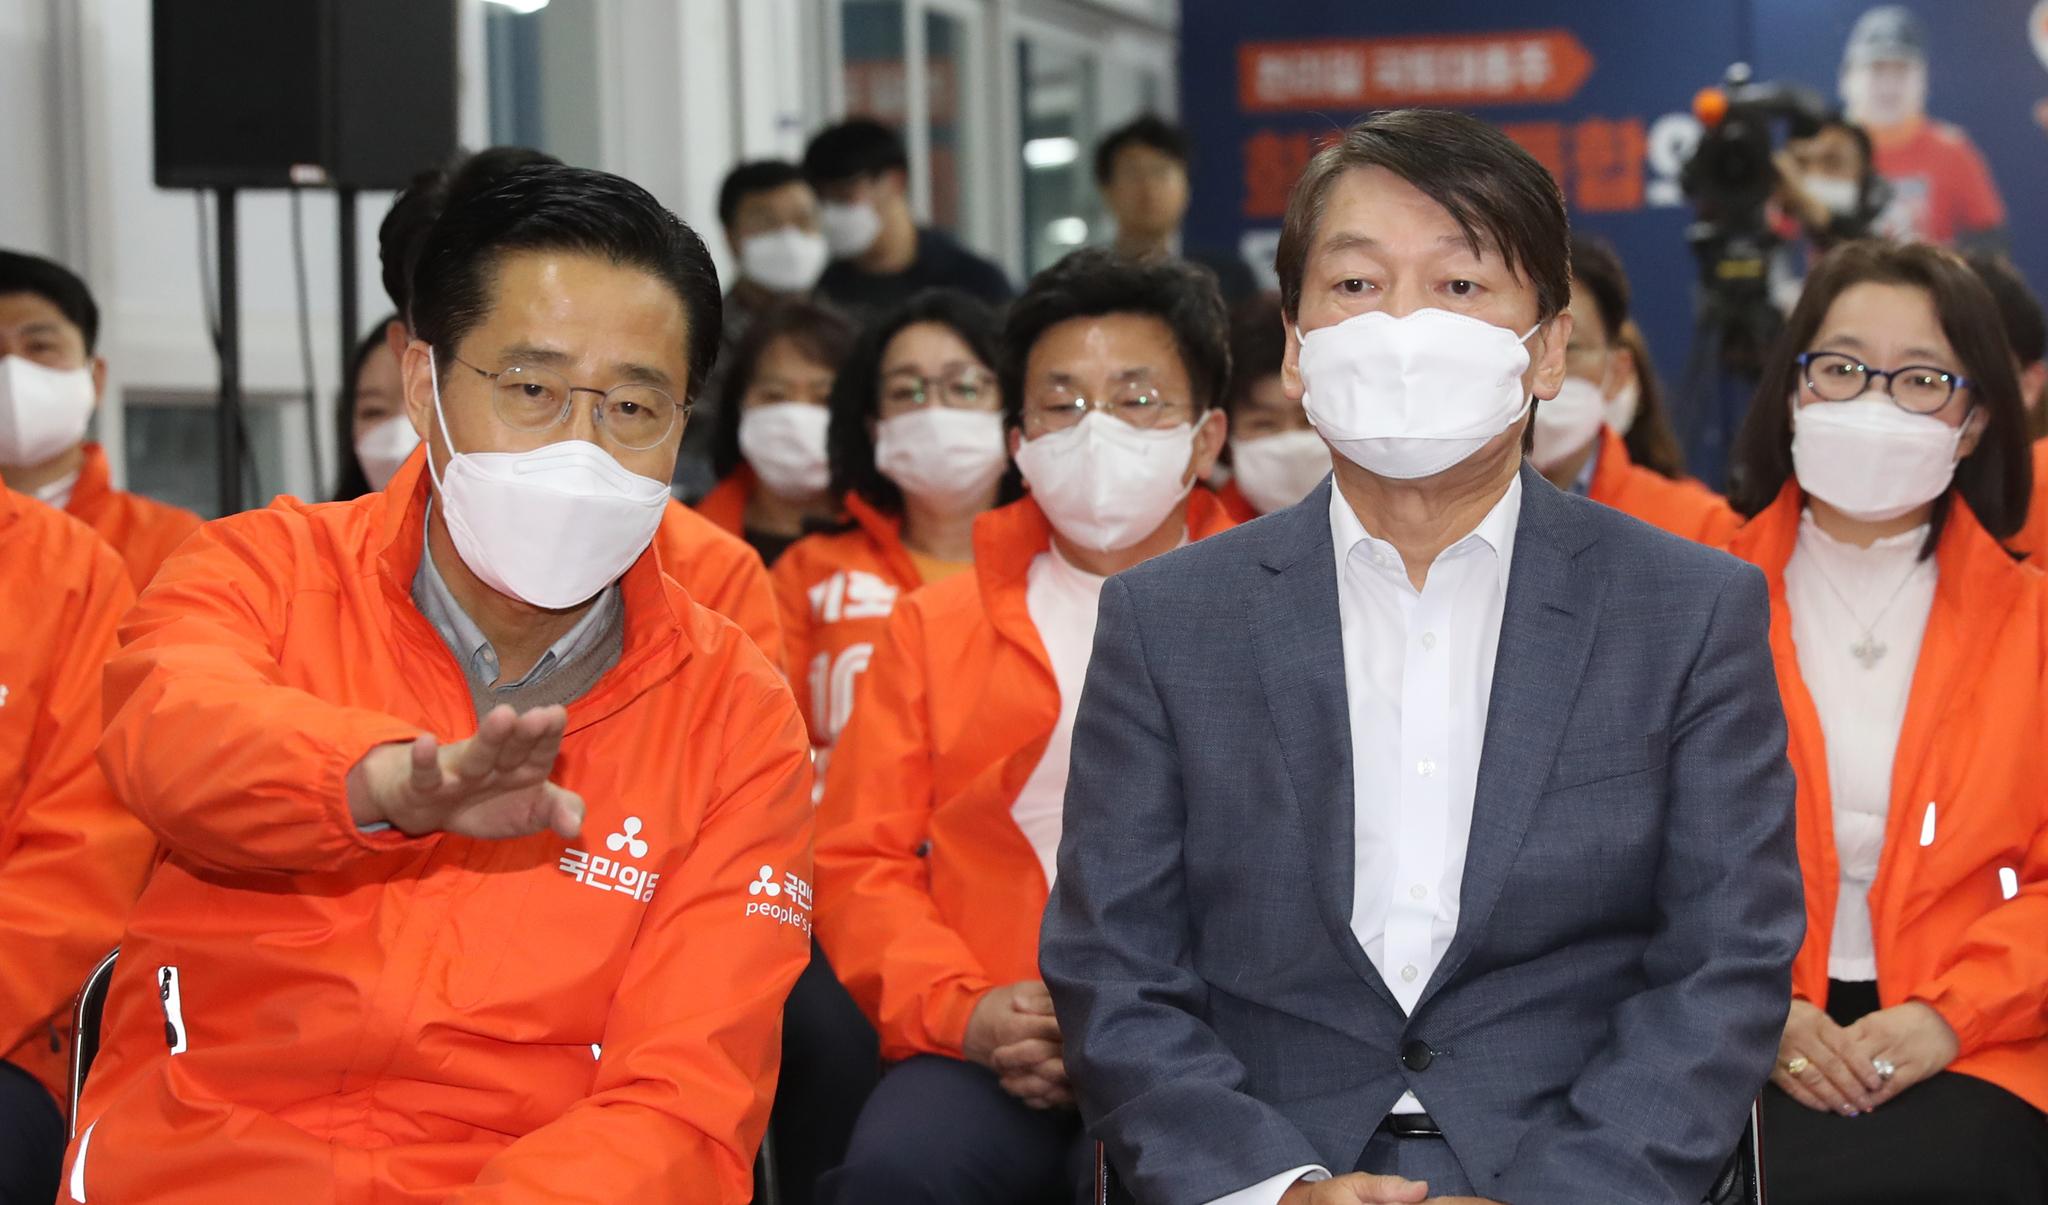 국민의당 안철수 대표가 15일 오후 서울 마포구 당사 개표상황실을 찾아 개표 방송을 지켜보고 있다. 연합뉴스